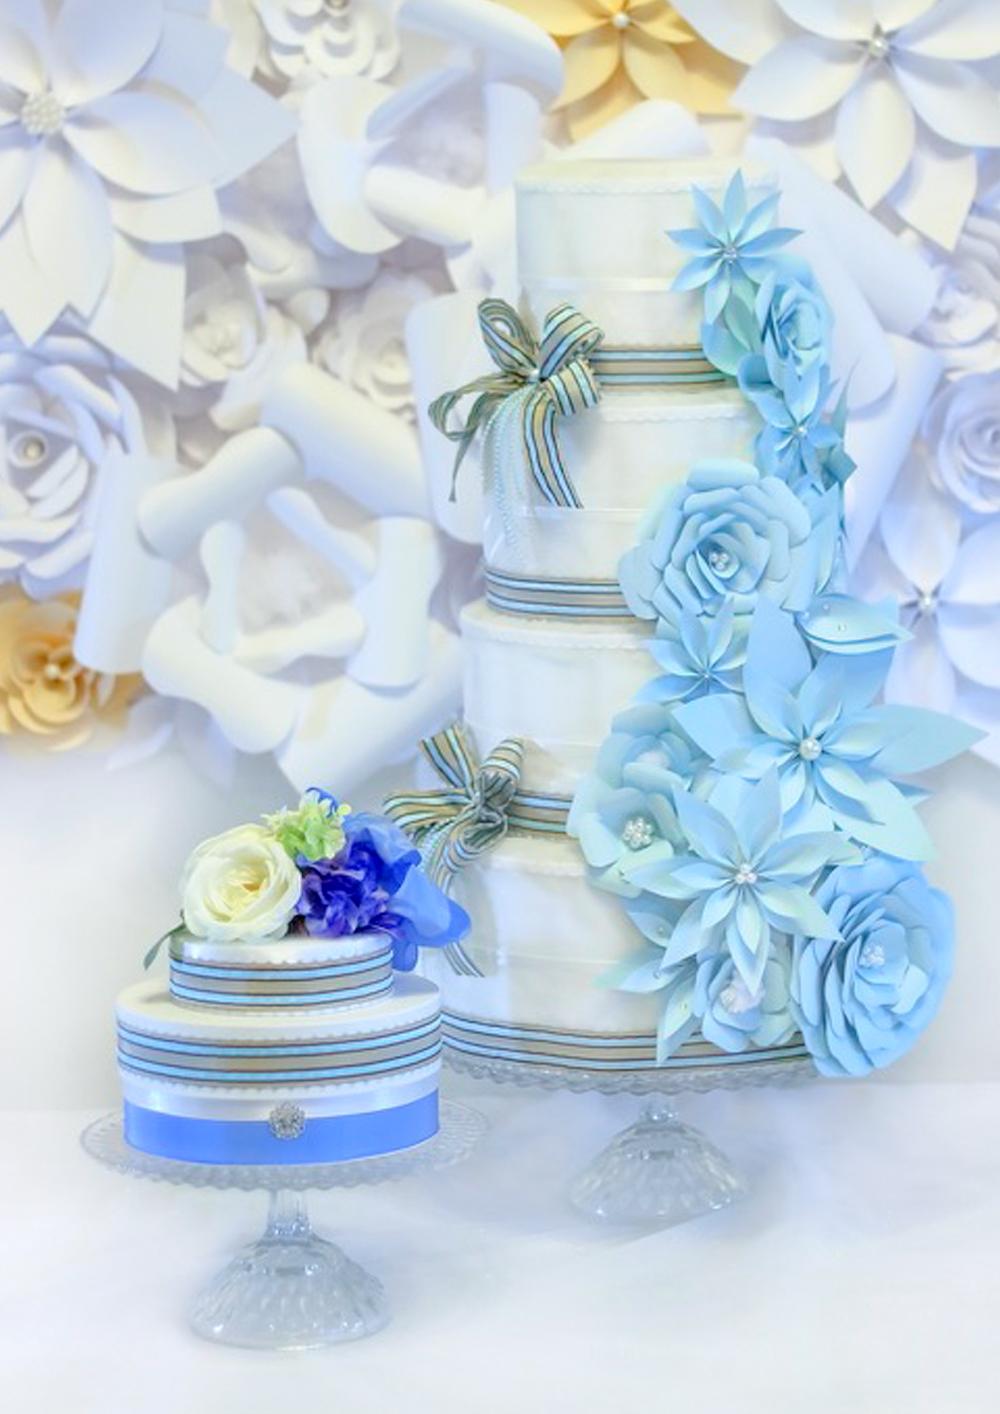 ベイビーシャワーを彩る「おむつケーキ」が大人気!